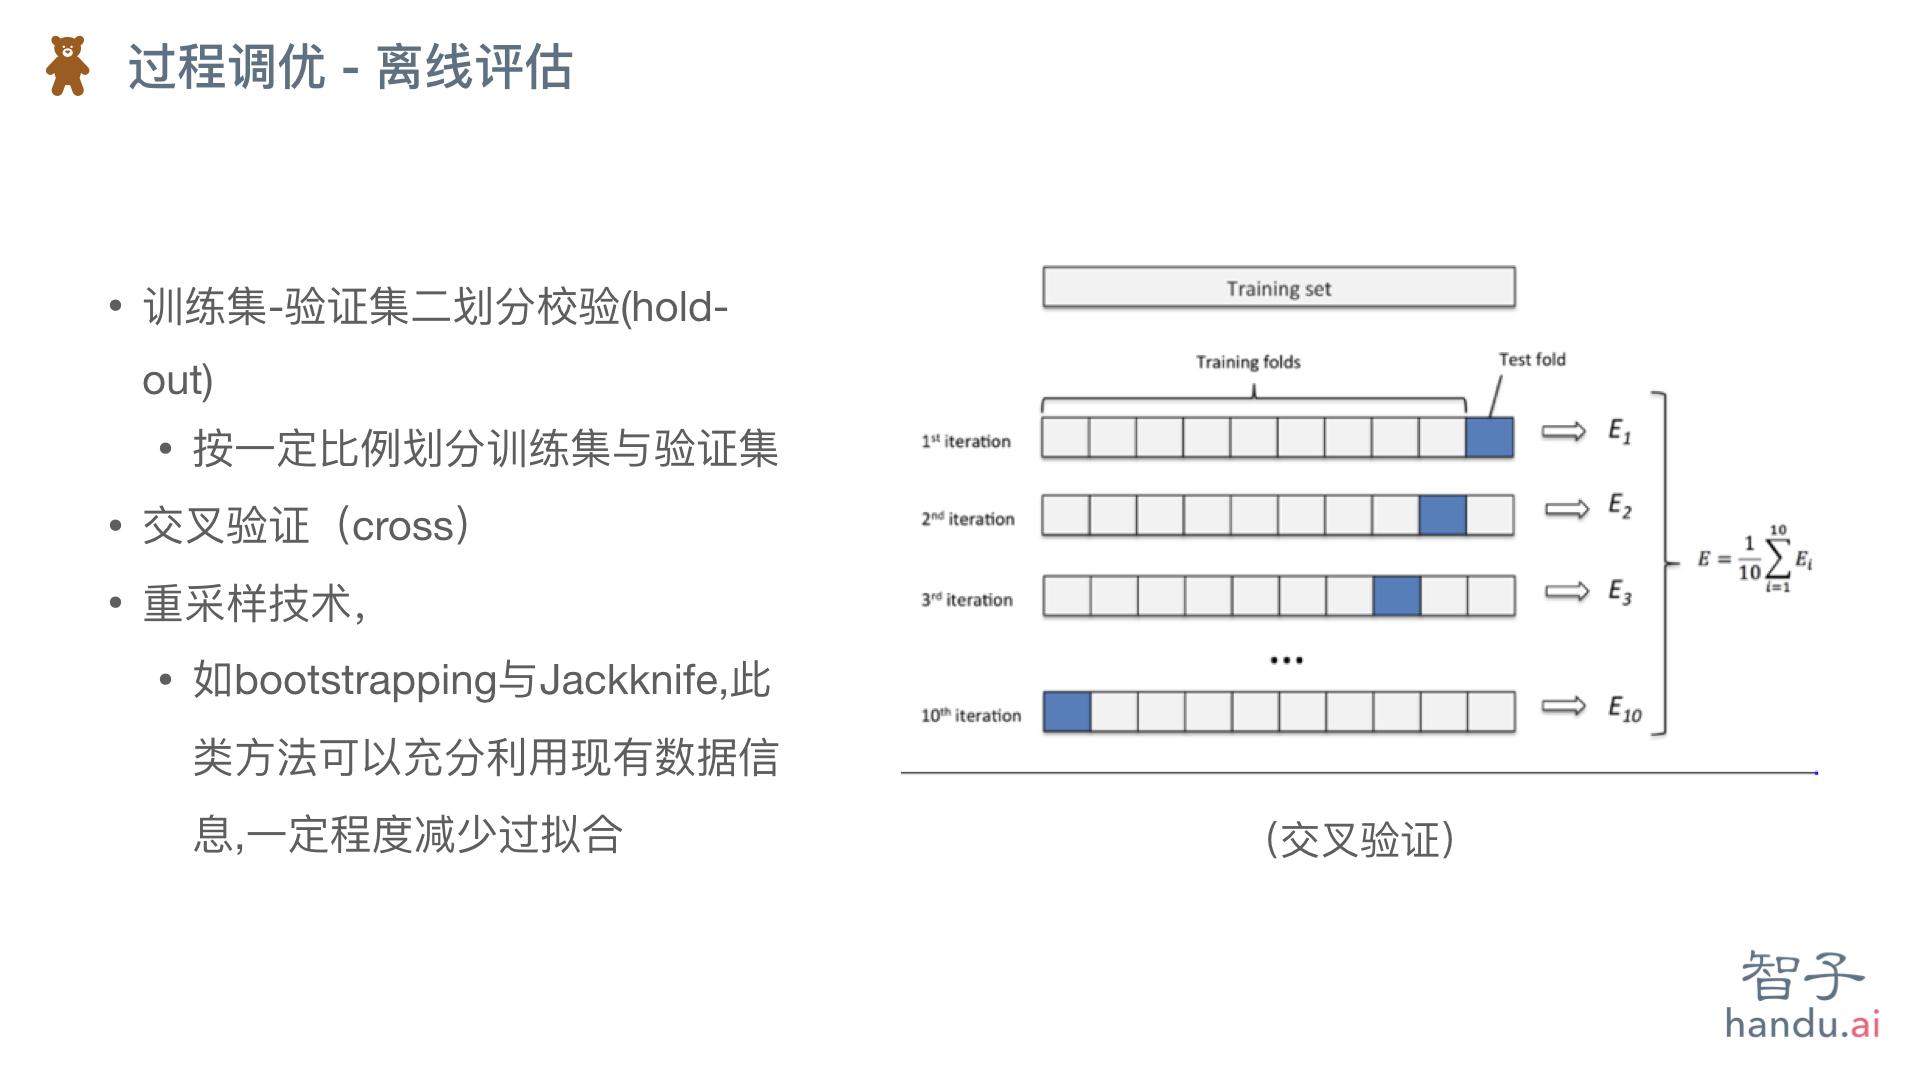 智子模型评估与输出.009.jpeg